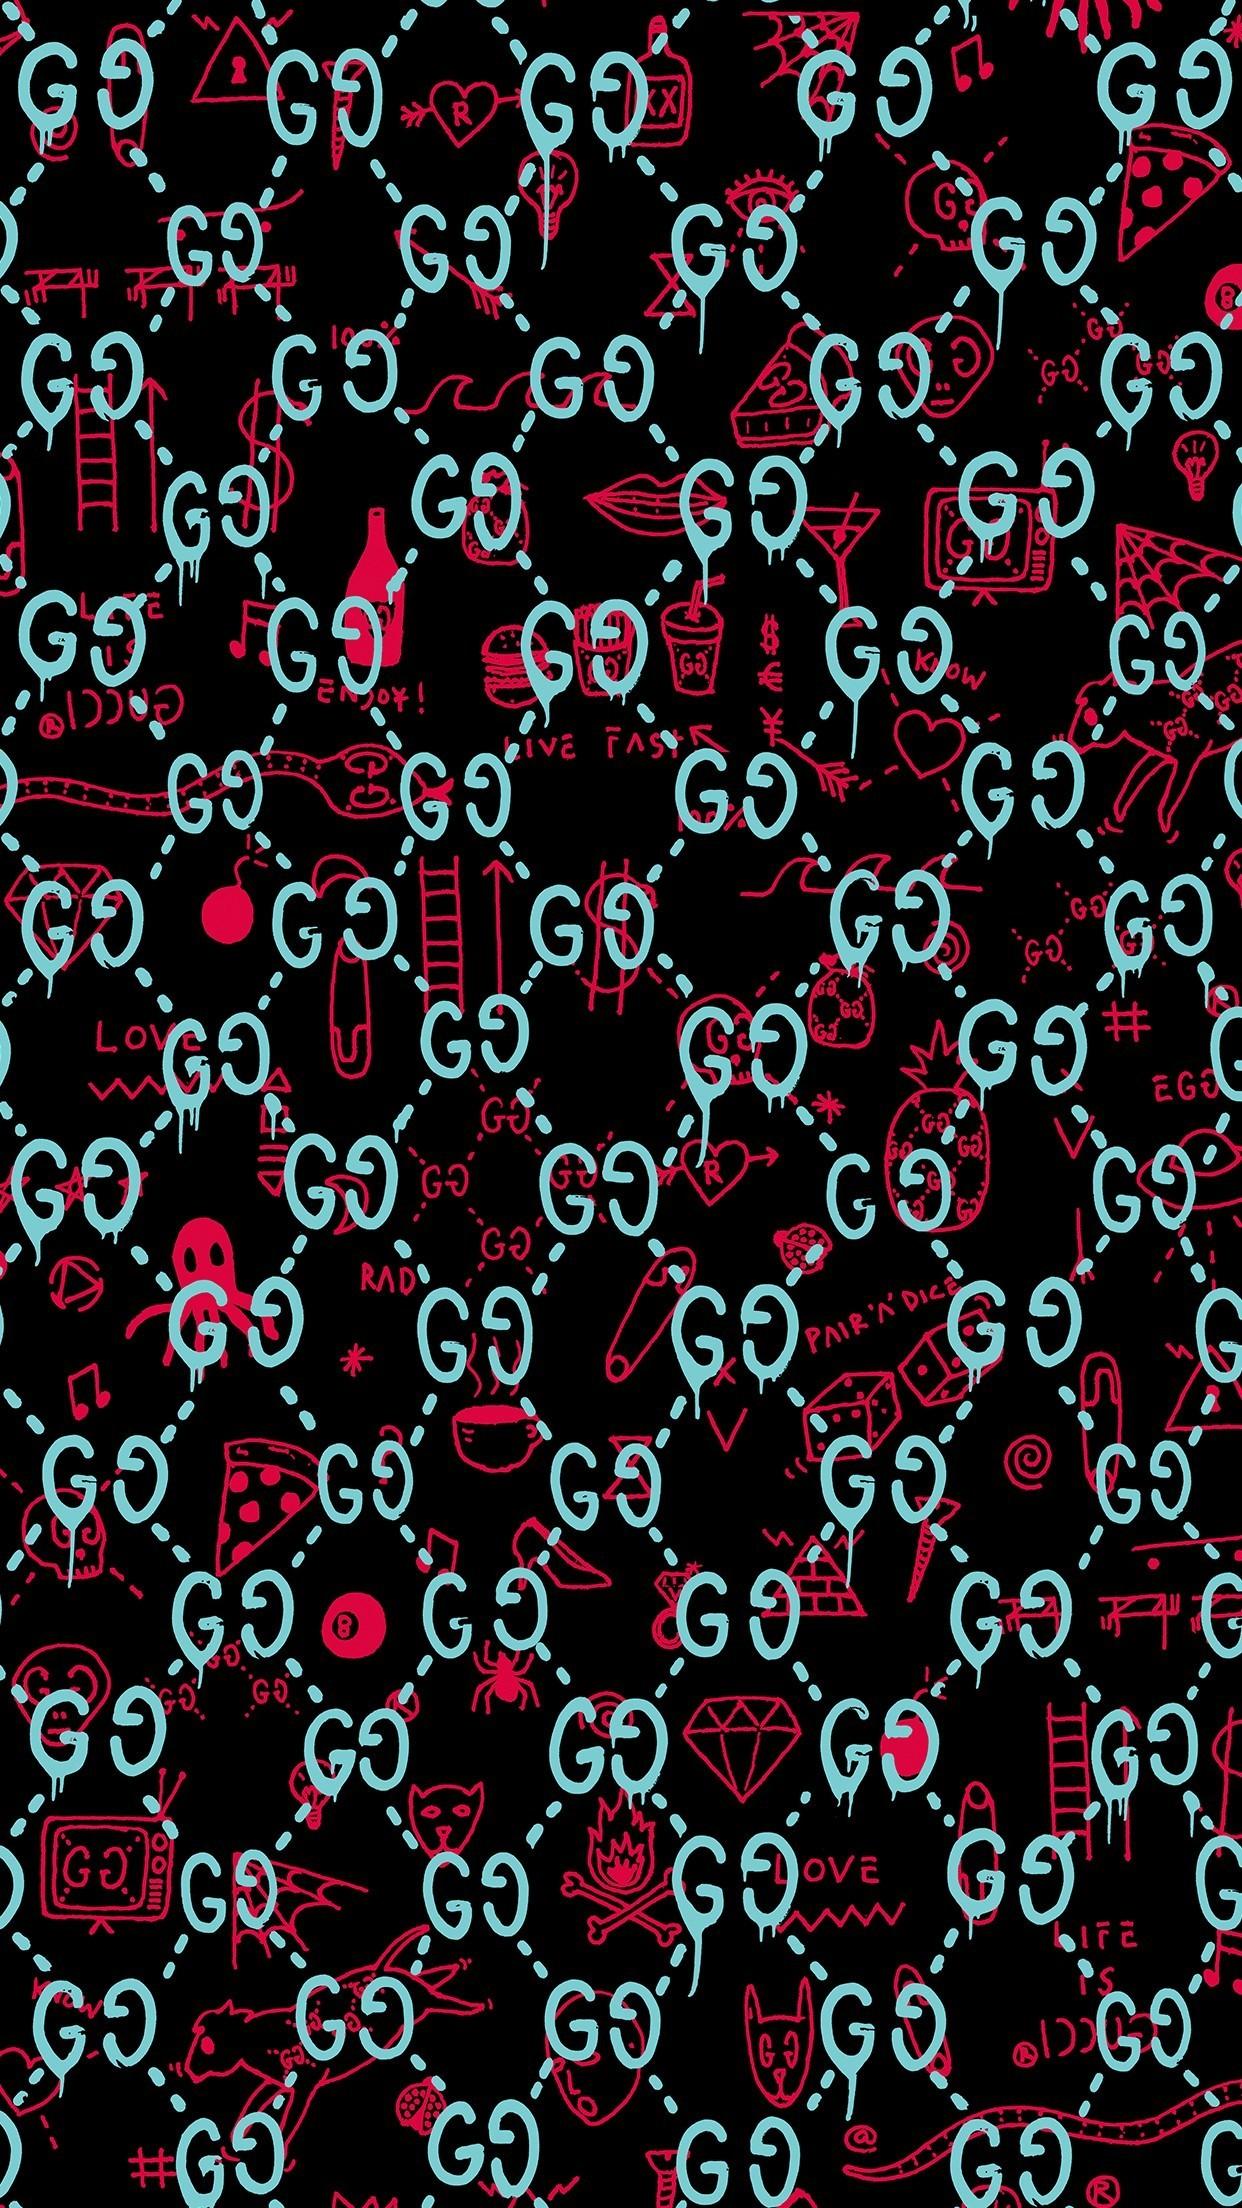 Gucci Wallpaper 4k Gucci 22019 Hd Wallpaper